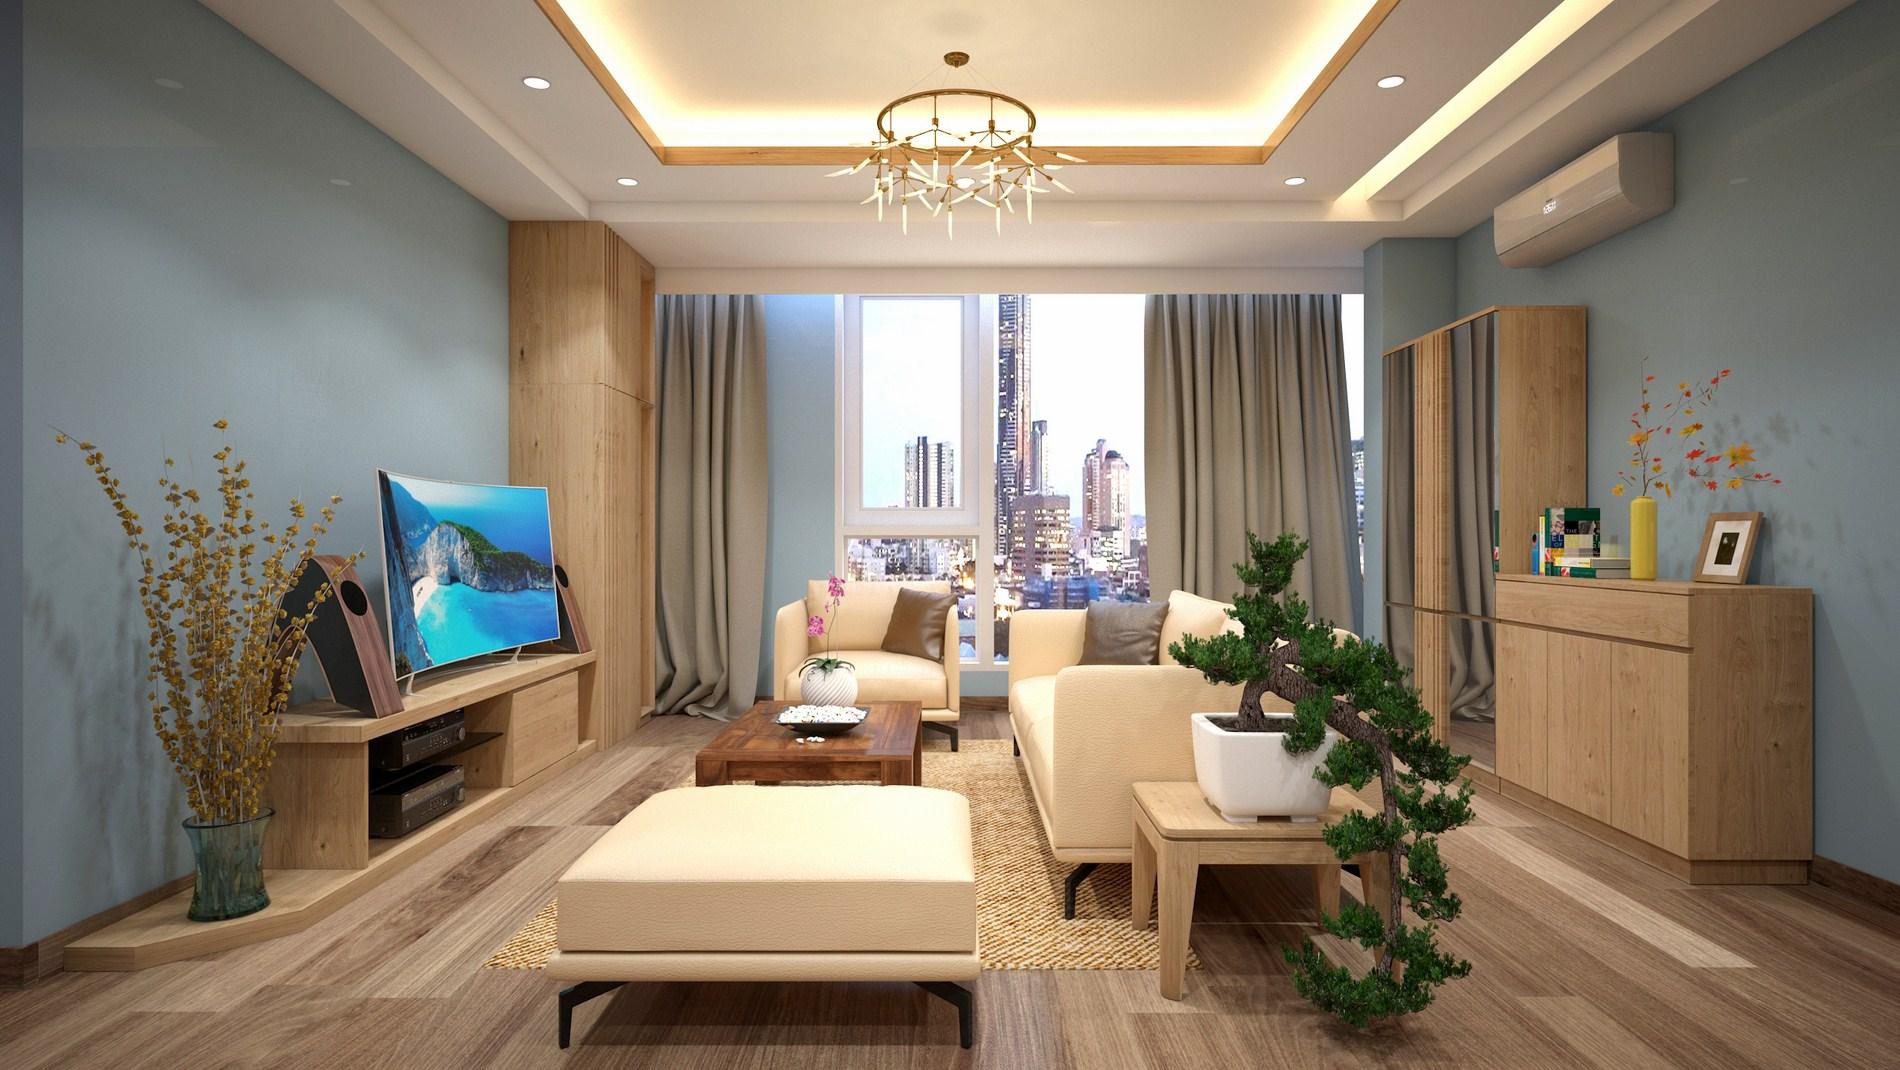 Nội thất căn hộ với gỗ sồi tự nhiên – Gỗ sồi đỏ châu âu